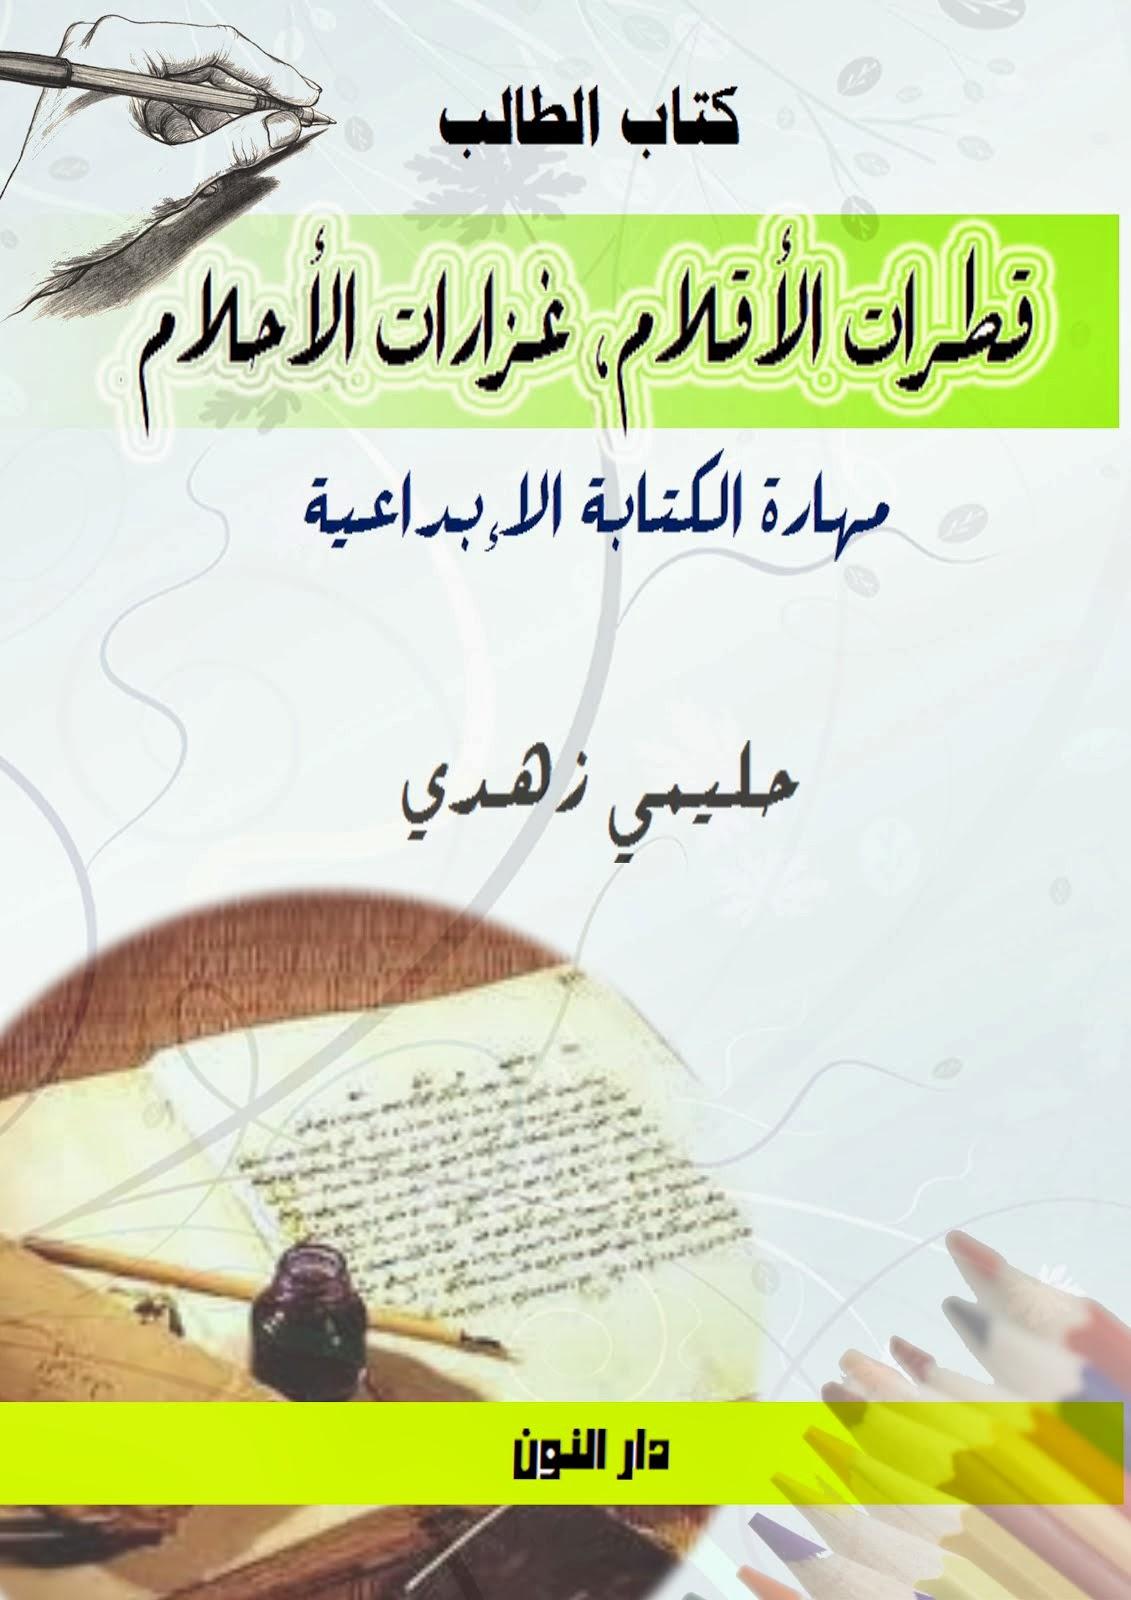 Kreatif Writing : Qatharul Aqlam, Ghazaratul Ahlam